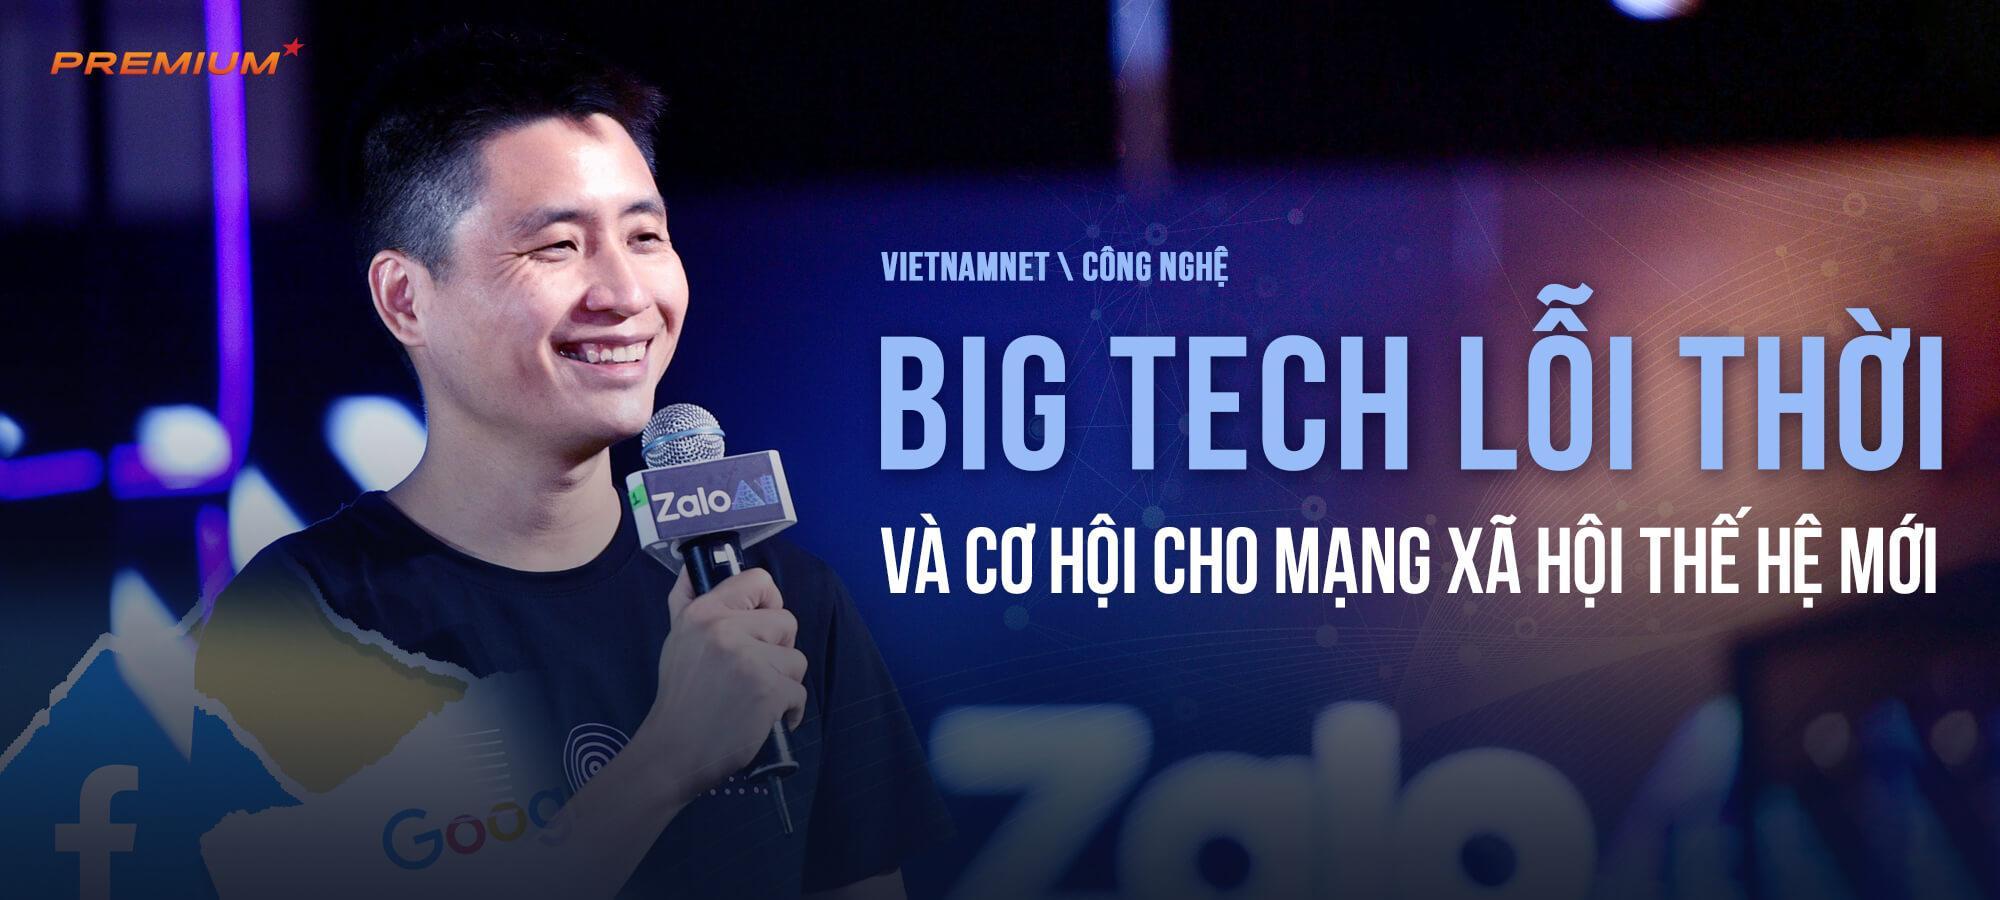 Big Tech lỗi thời và cơ hội cho mạng xã hội thế hệ mới